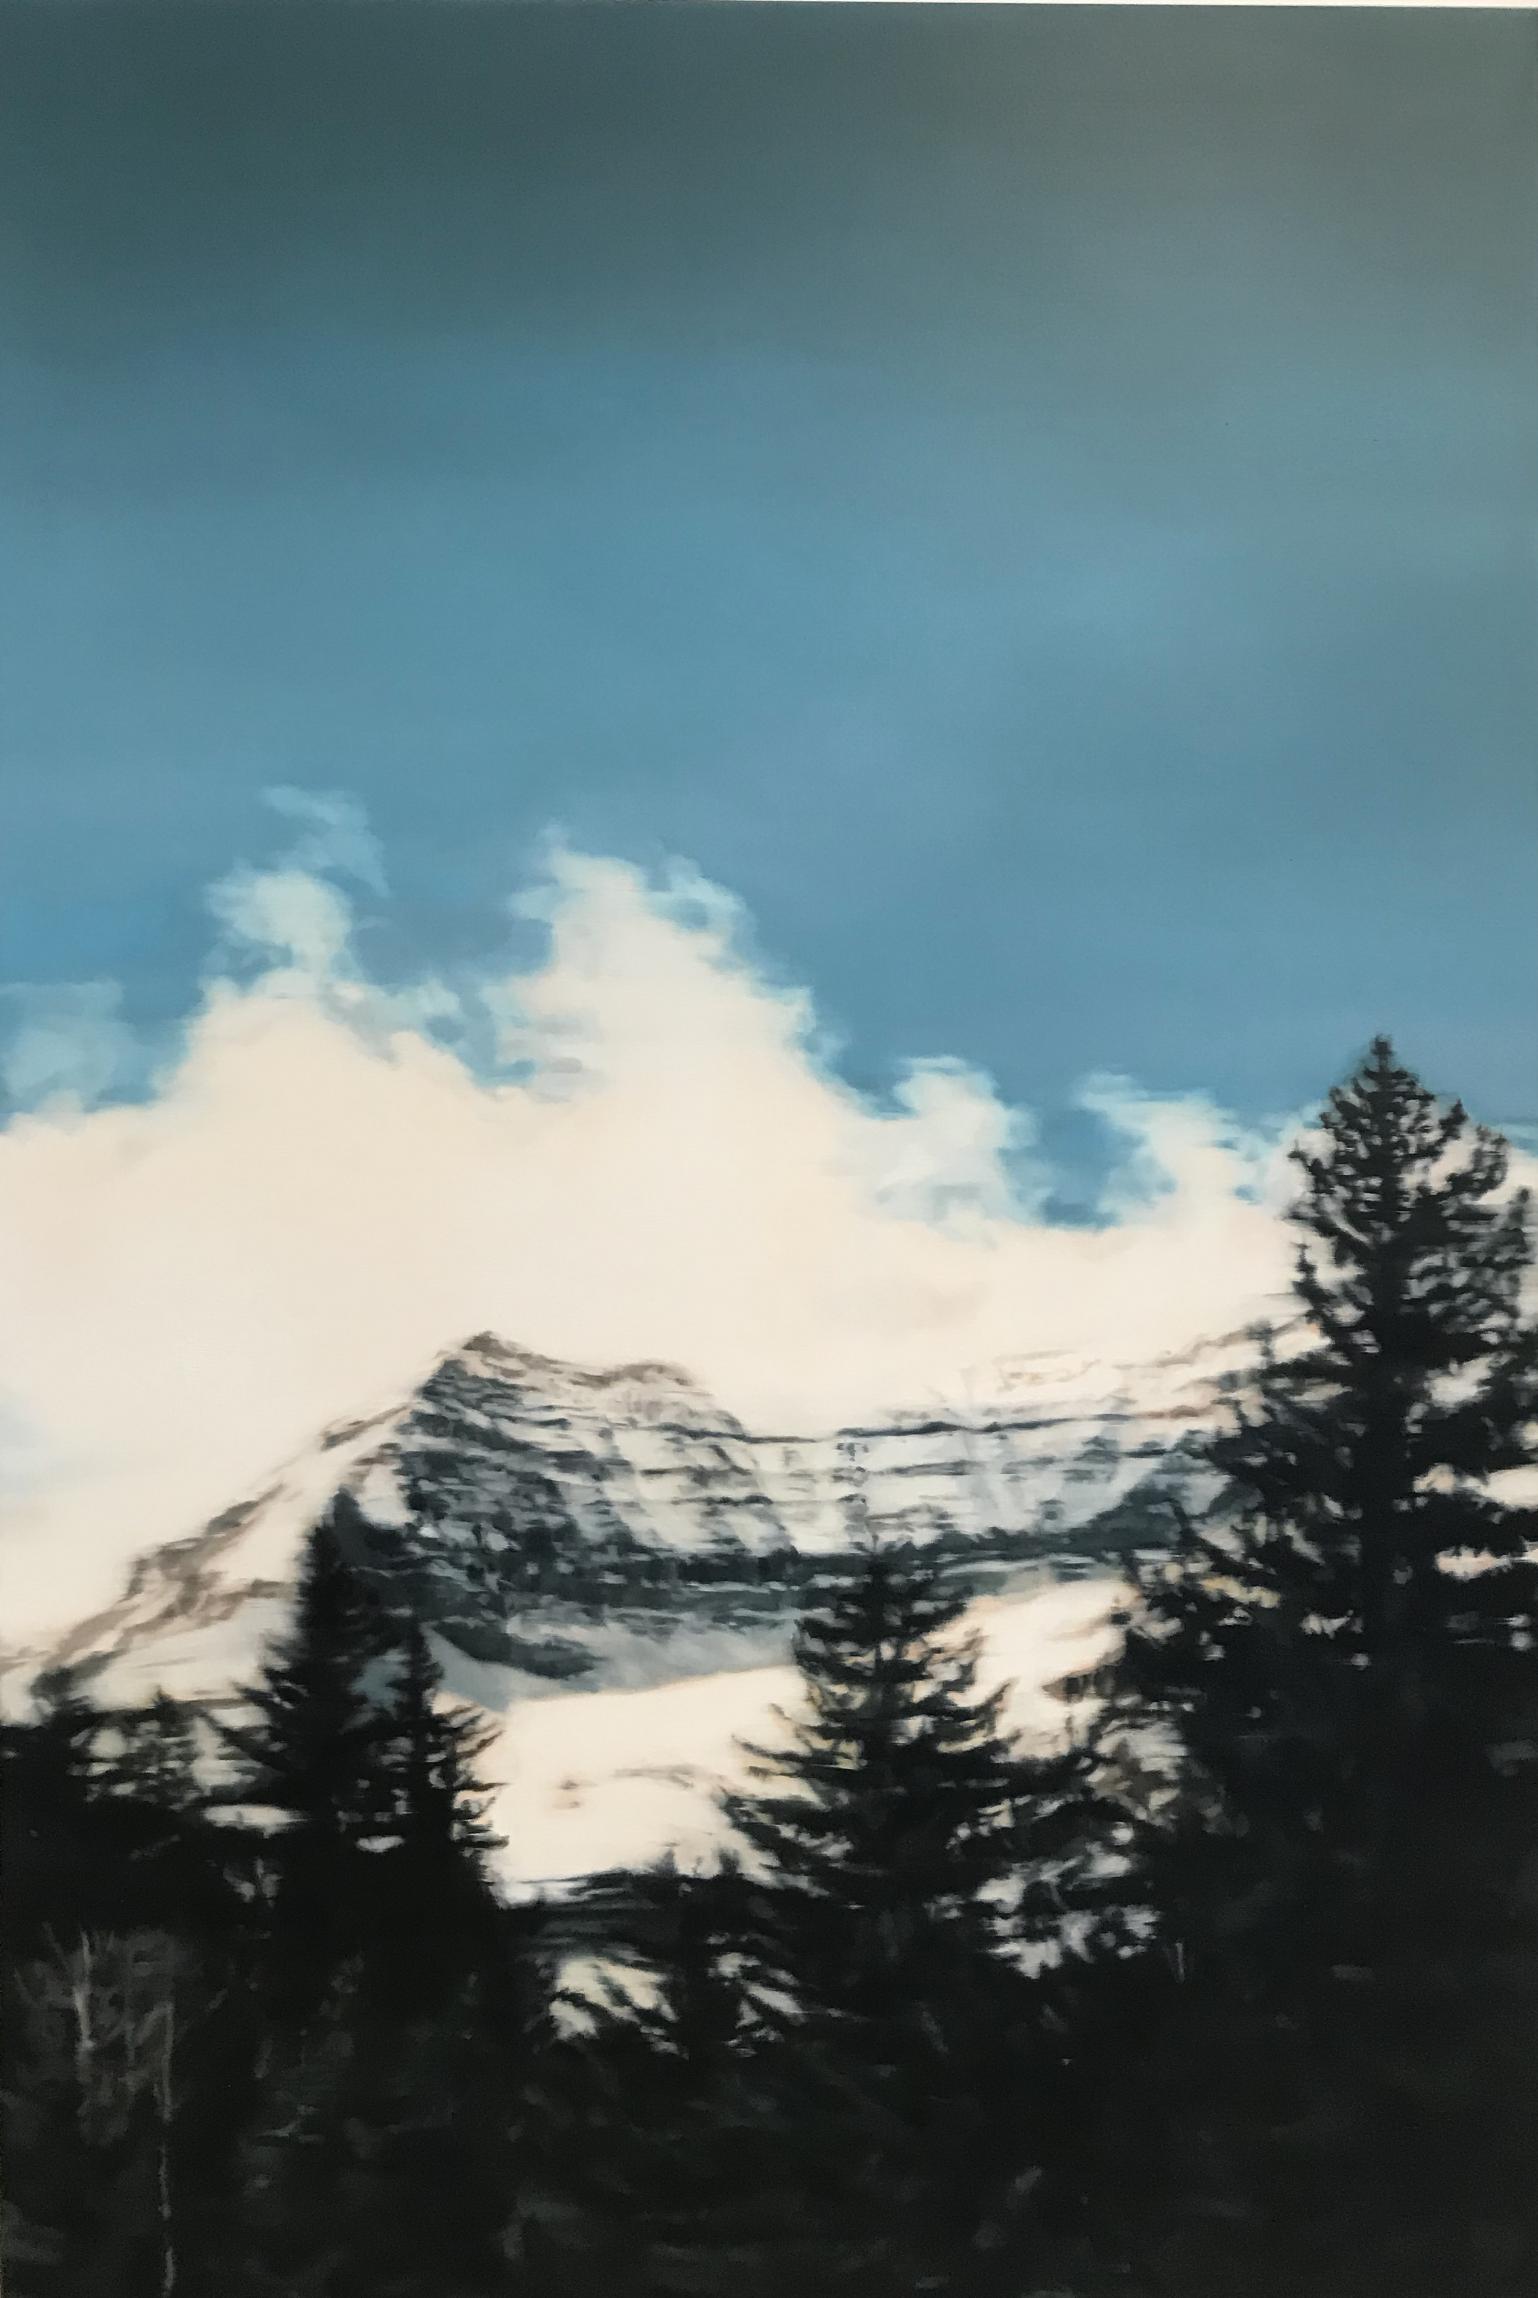 Amelia Carroll  mountain-9 , 2019 oil on canvas 151 x 101 cm